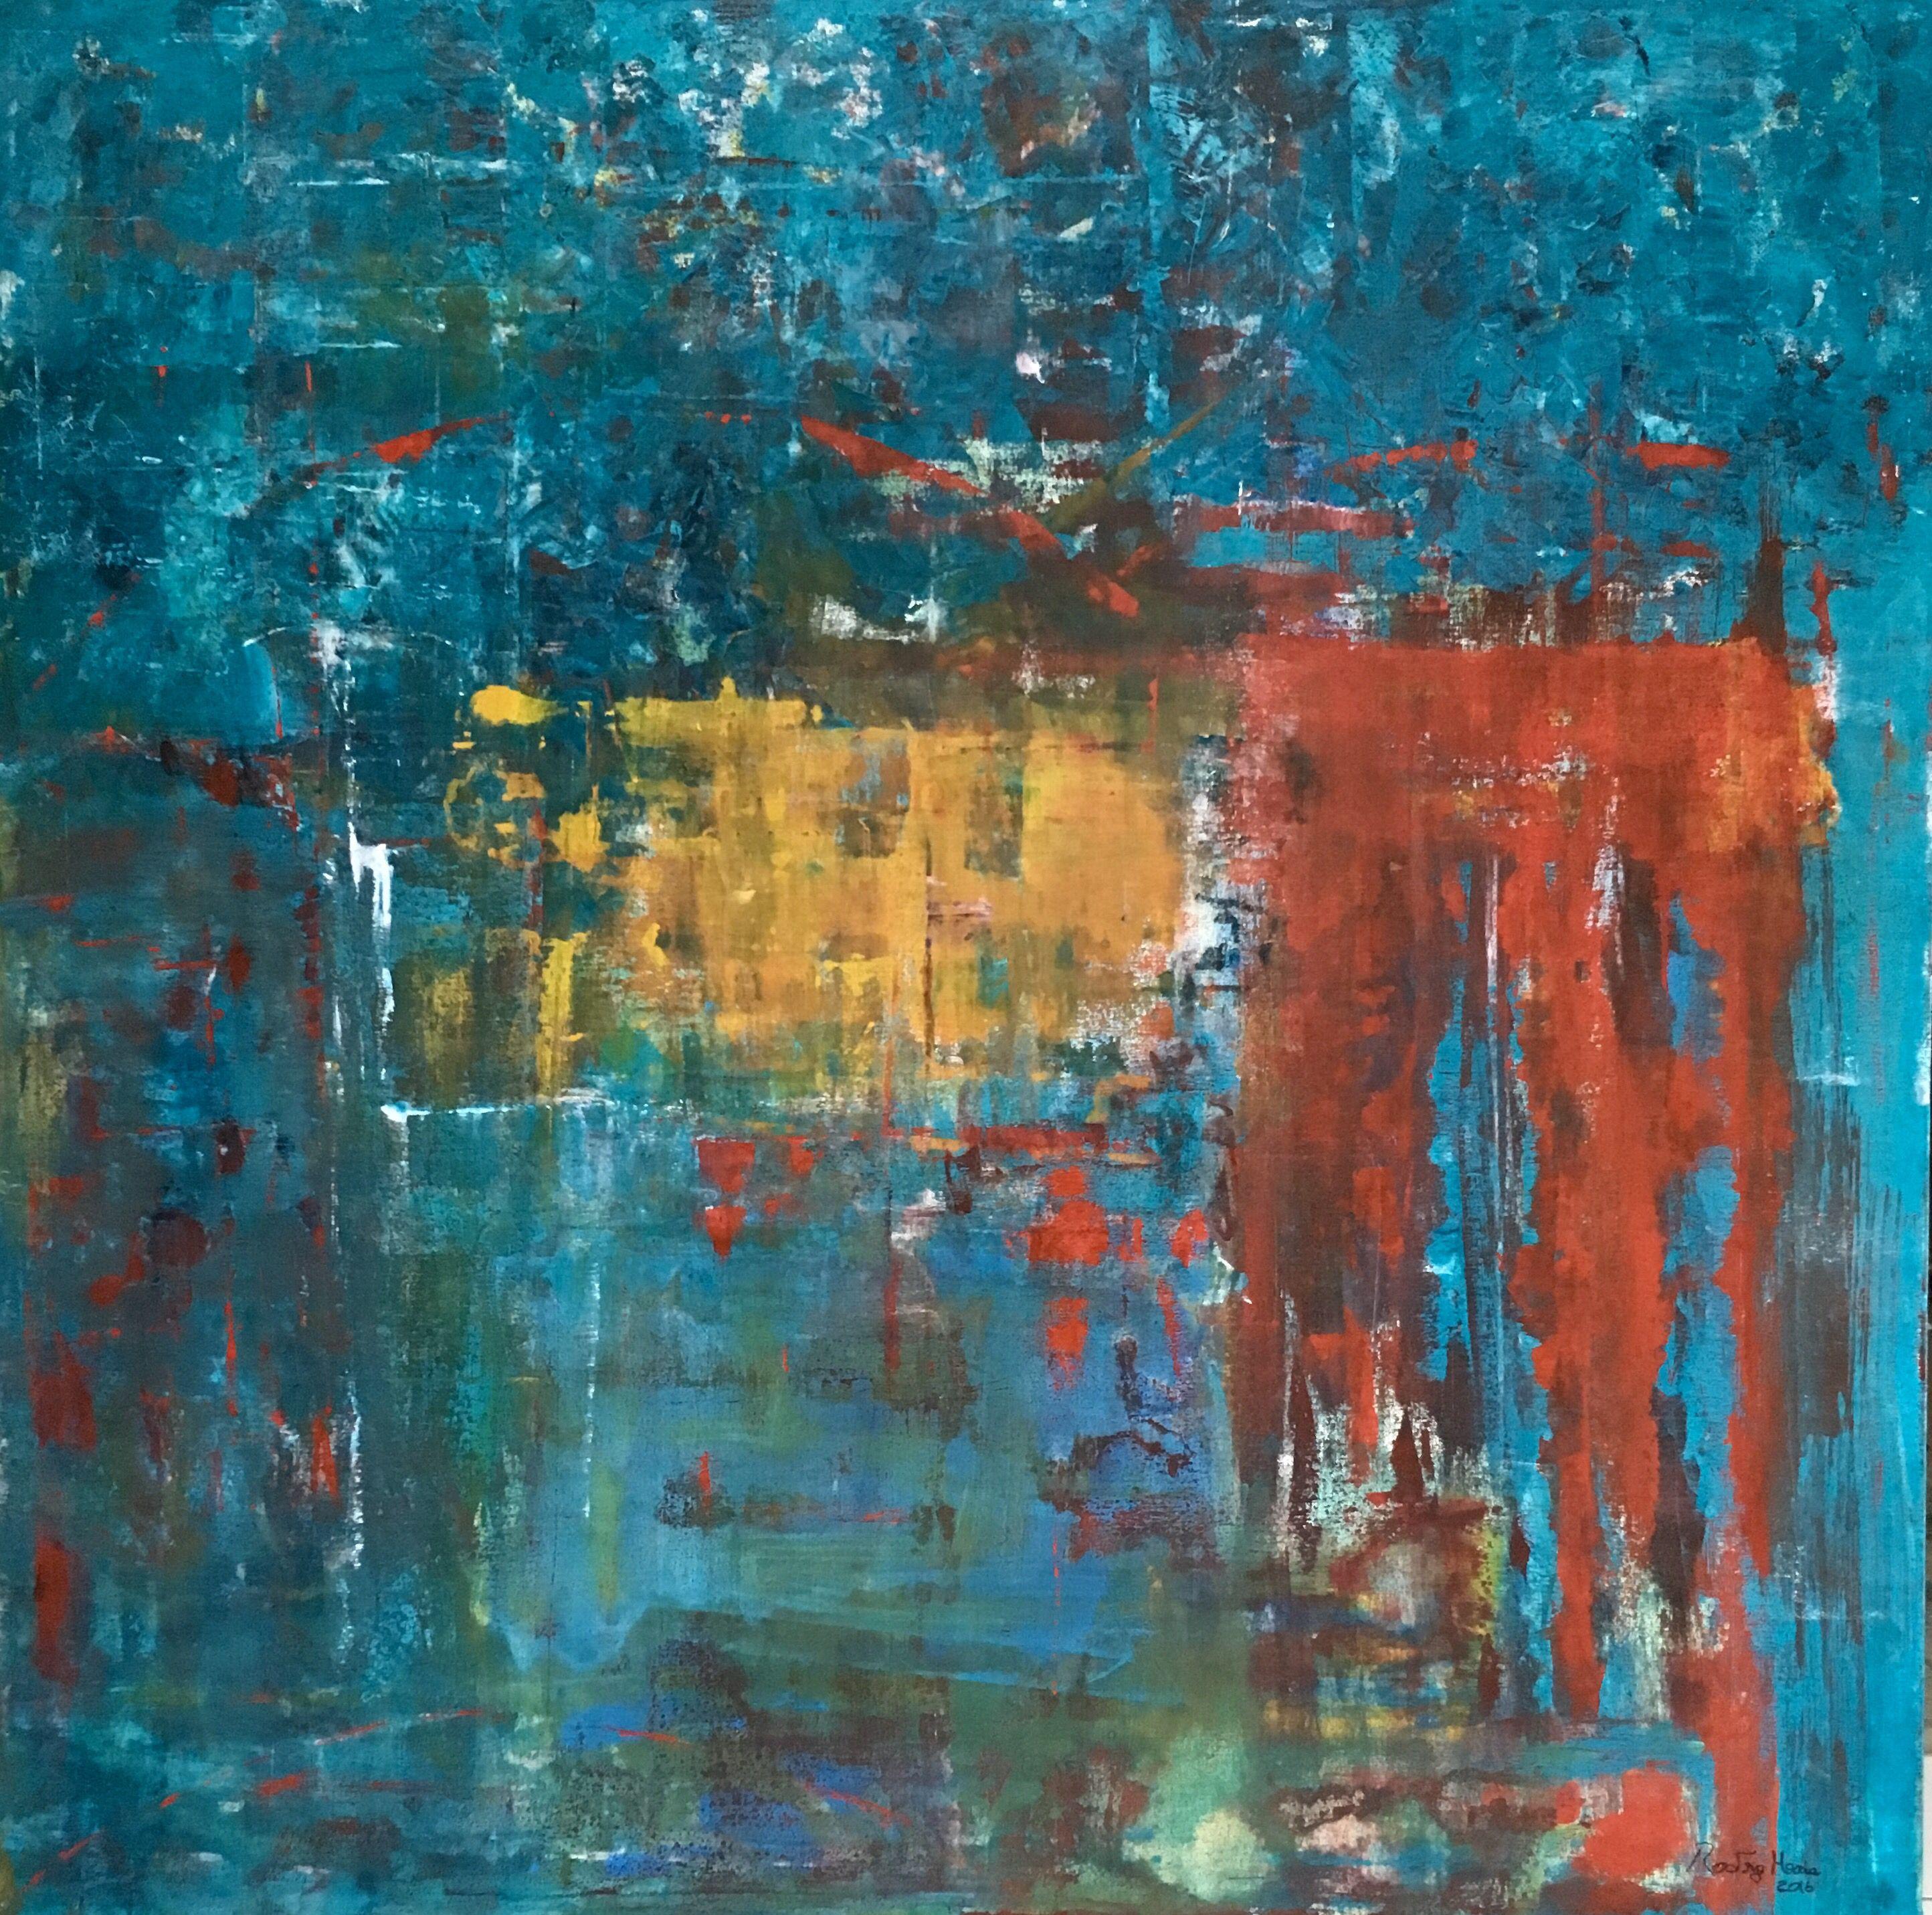 Abstrato - Acrílico sobre  tela (espátula), tamanho 130x130cm, pintura de Rodrigo Maria